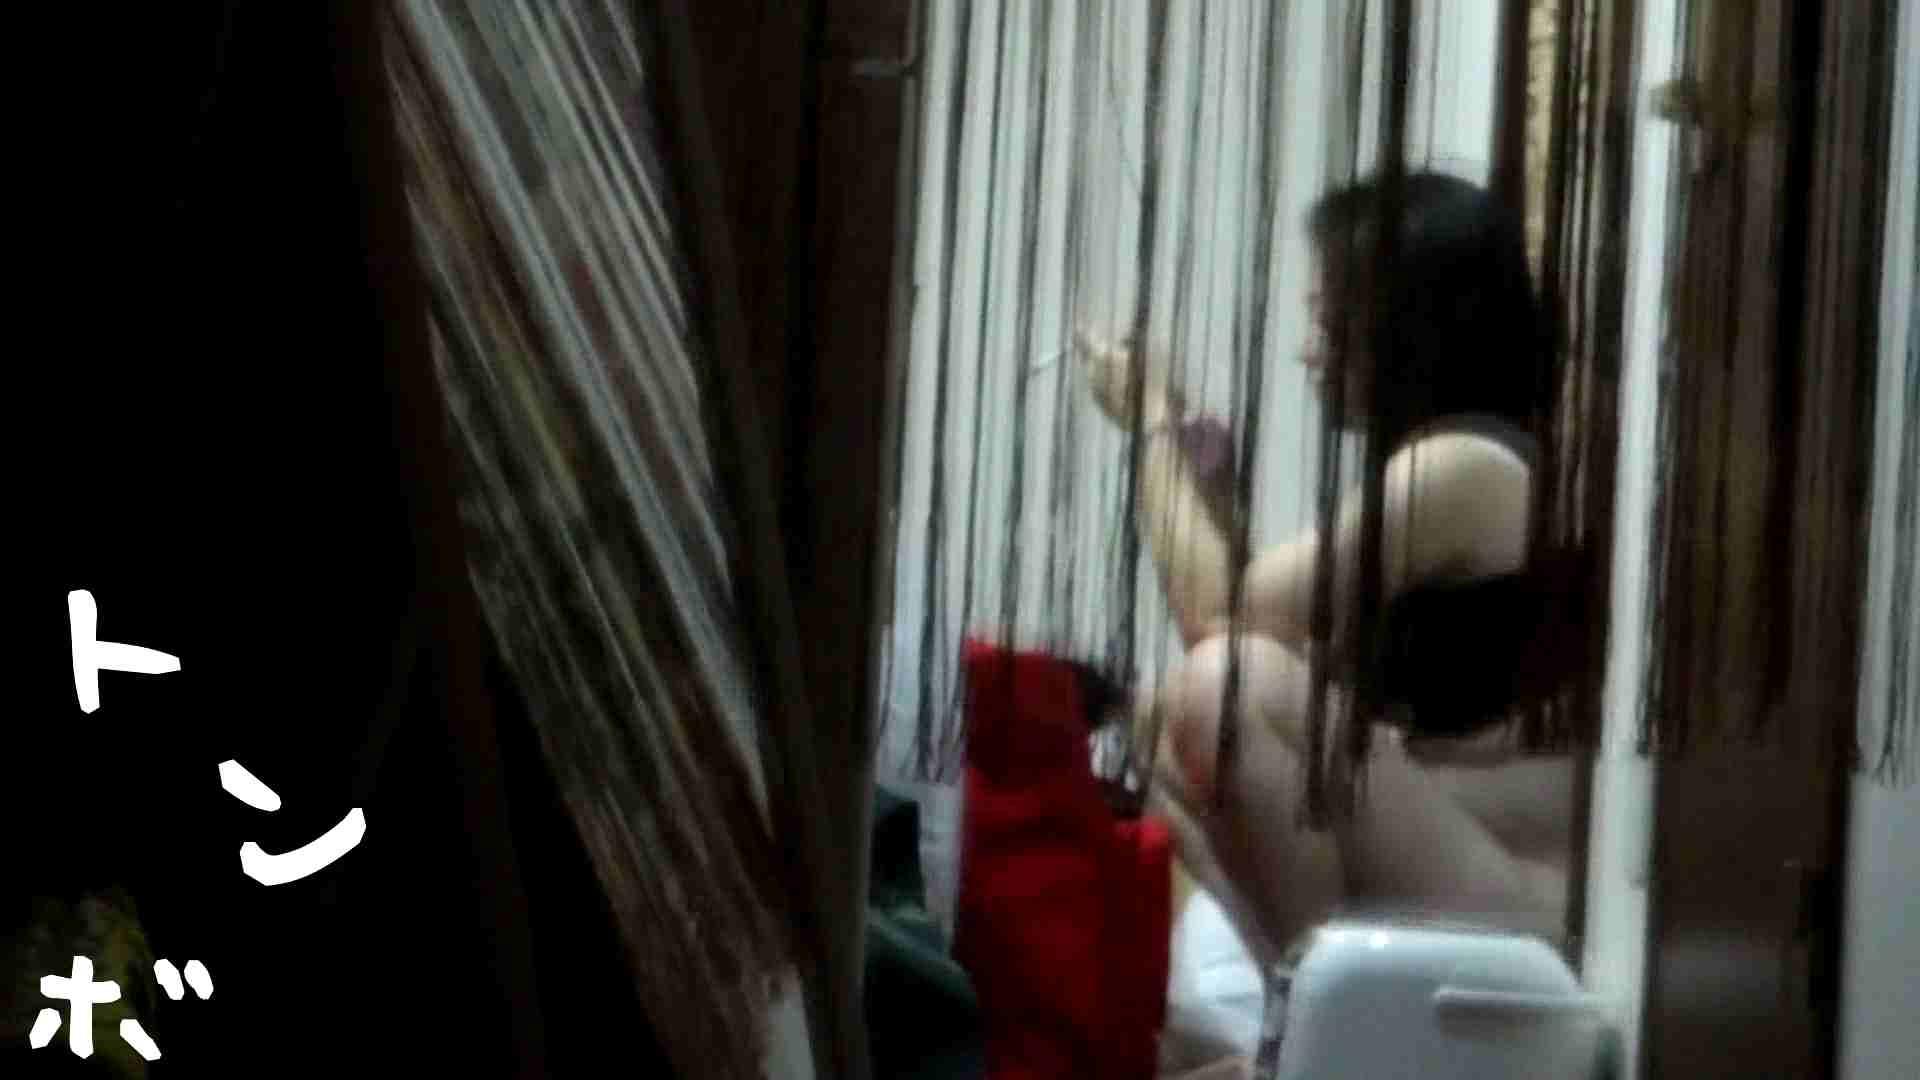 リアル盗撮 むっちりお女市さんの私生活ヌード ガールの盗撮 えろ無修正画像 58枚